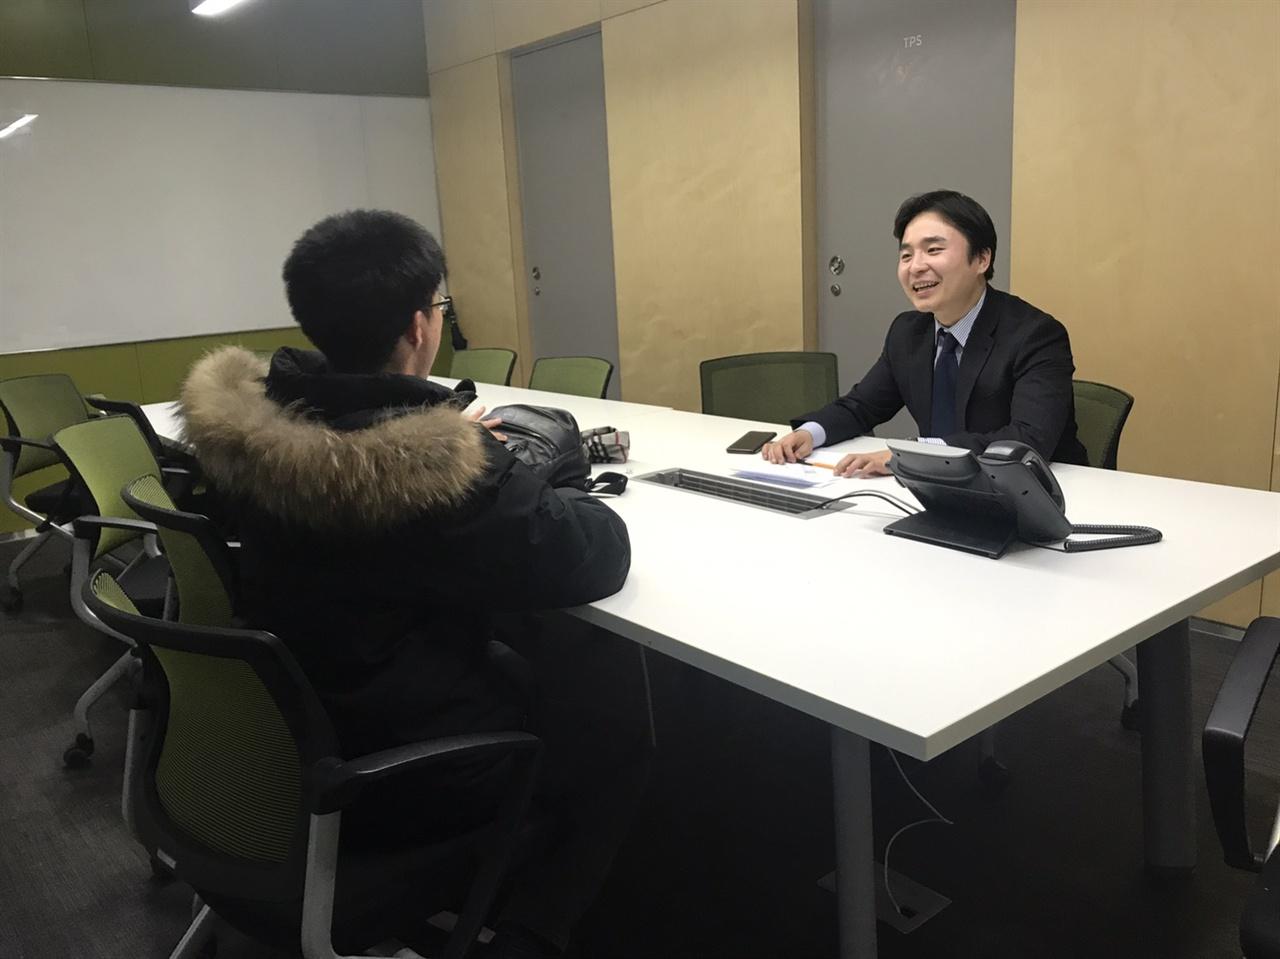 이문현 MBC 기자가 <오마이뉴스>와 인터뷰를 하고 있다.